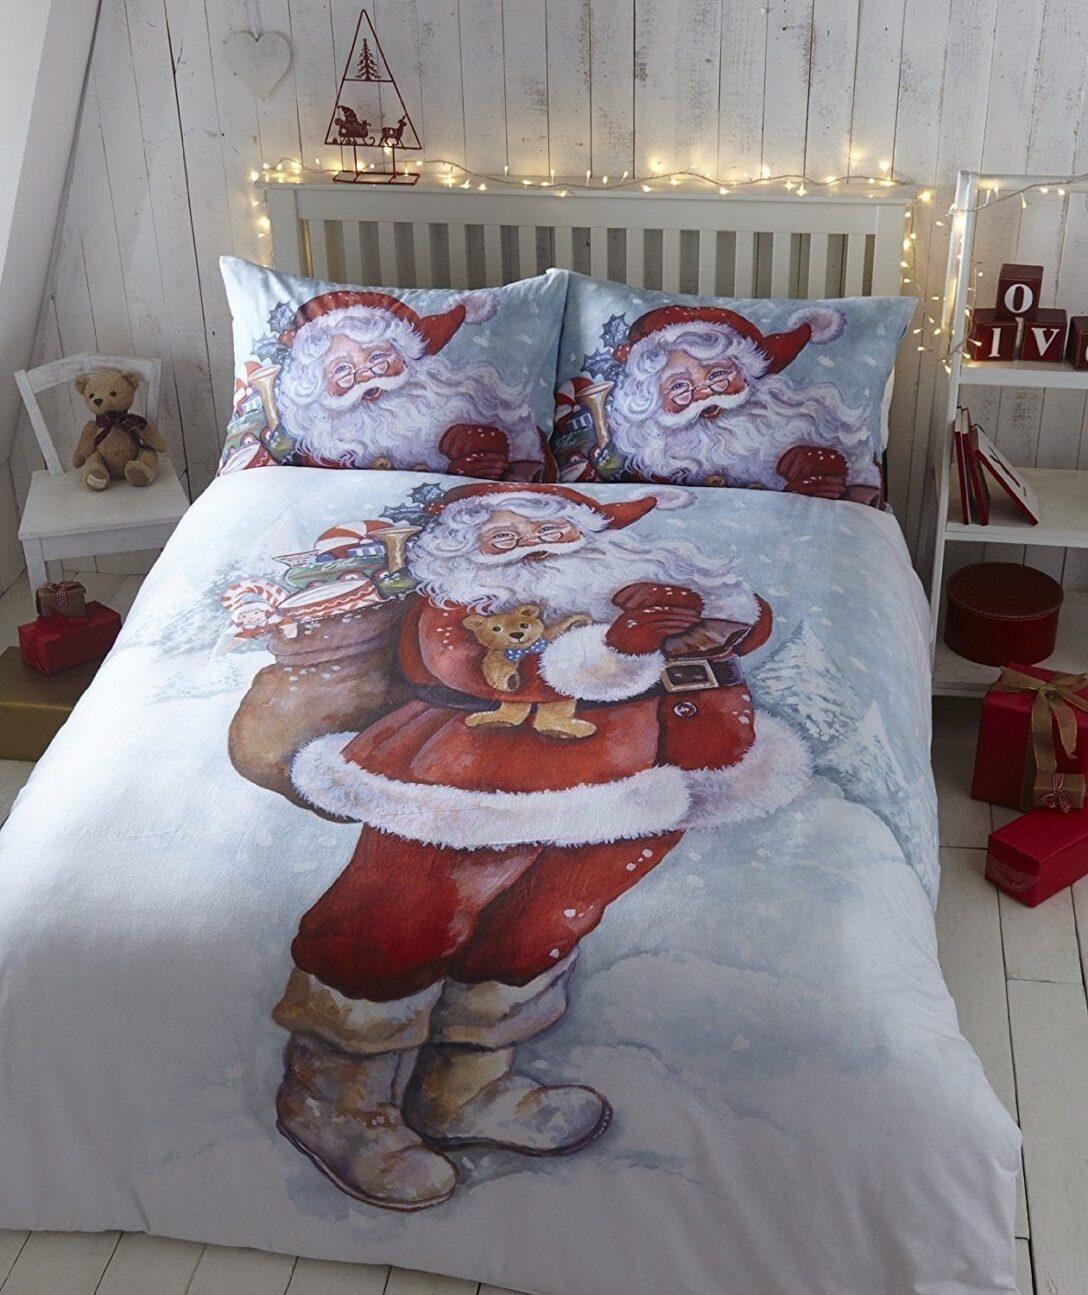 Large Size of Bettwäsche Lustig Lustige Bettwsche Vater Weihnachten Feinbiber Single T Shirt Sprüche T Shirt Wohnzimmer Bettwäsche Lustig